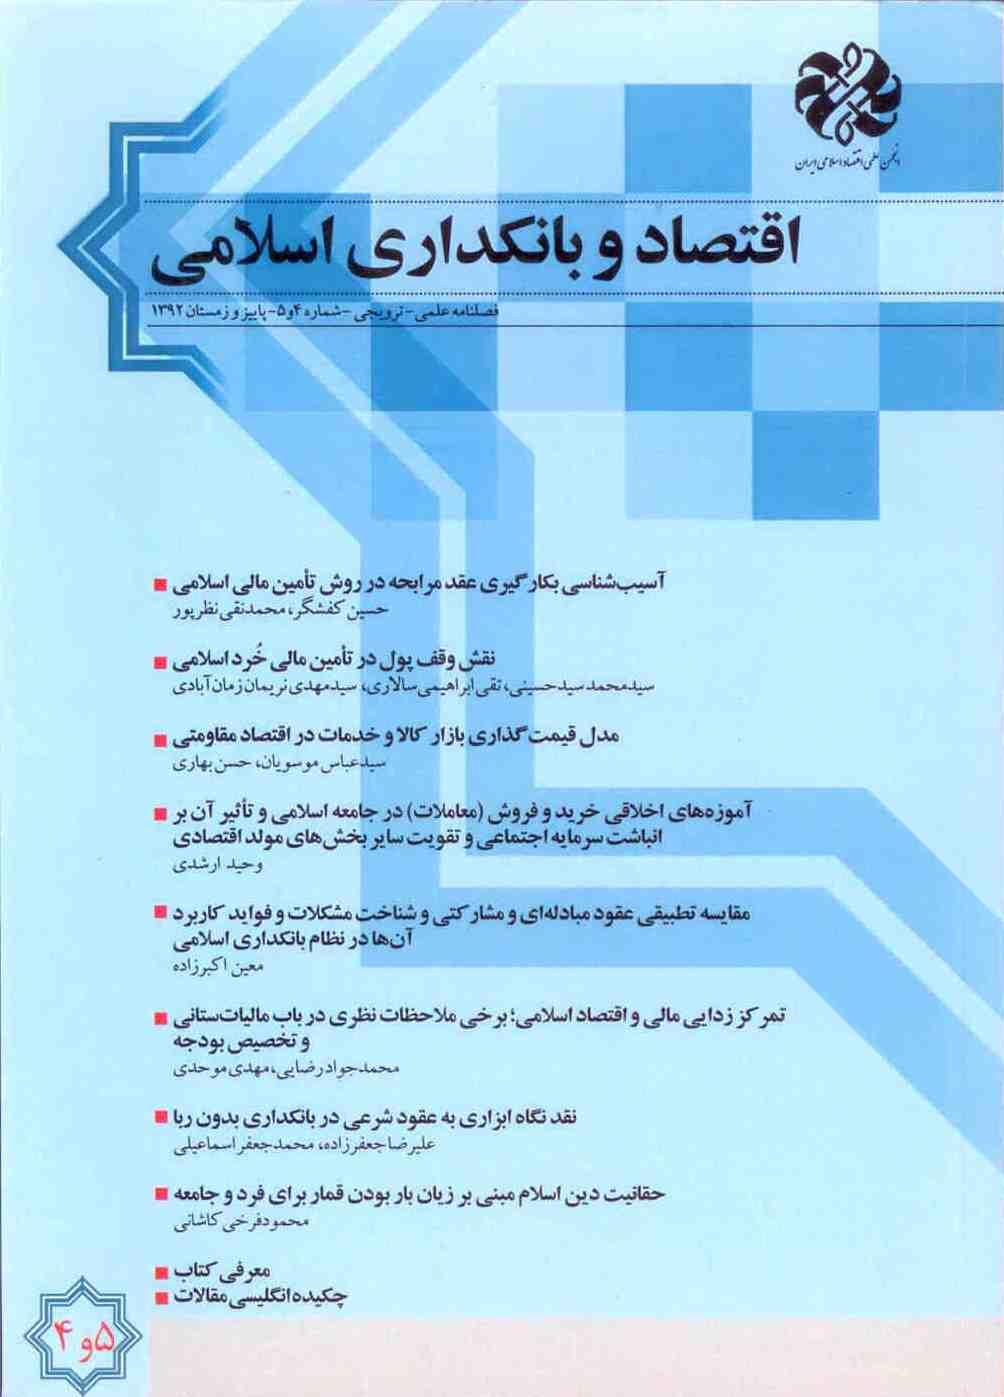 مقاله در مجله اقتصاد و بانکداری اسلامی